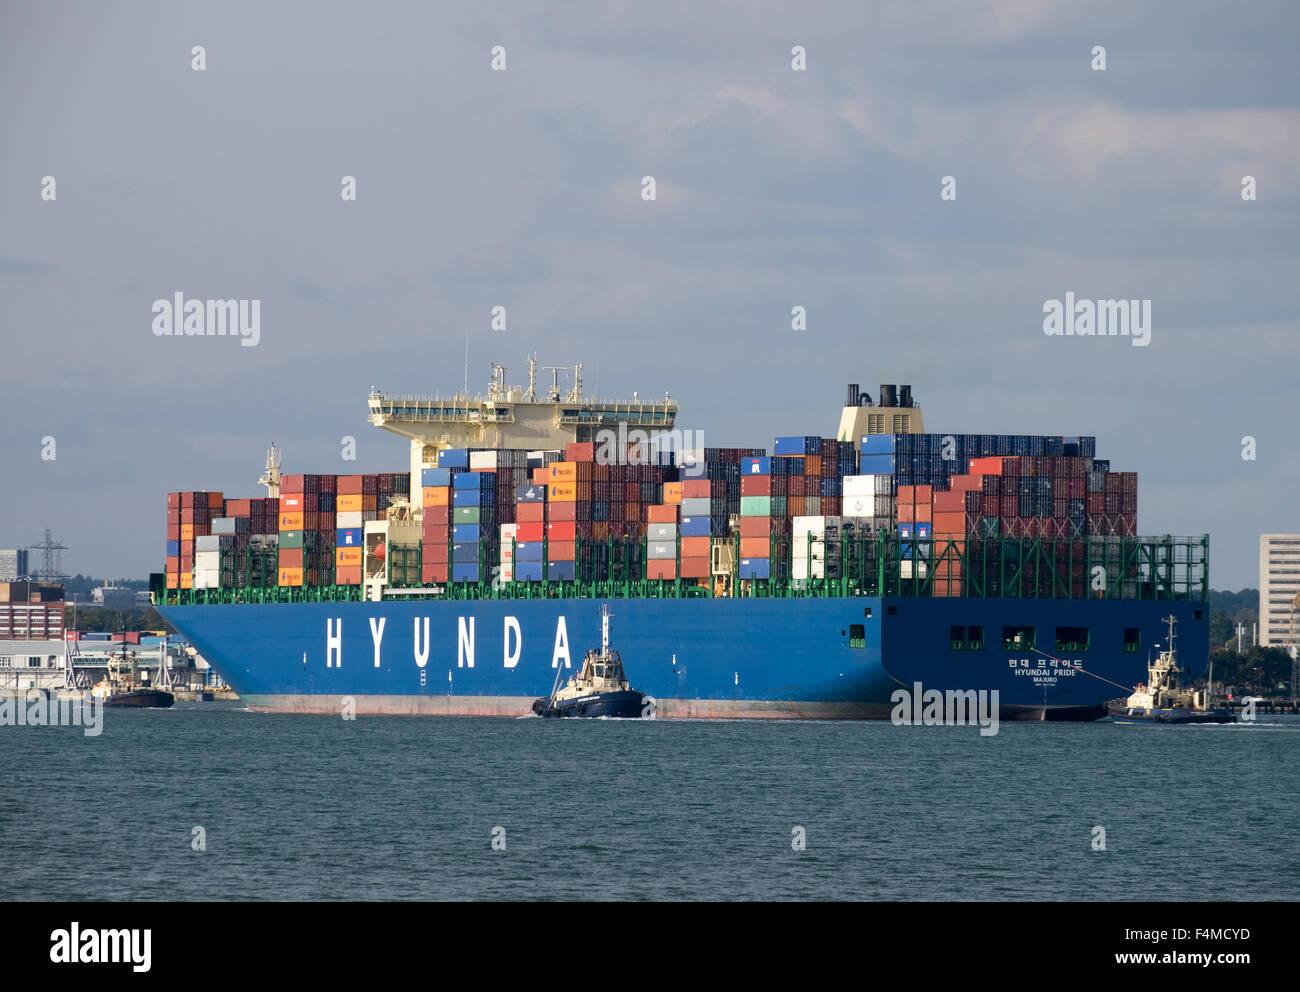 La fierté de Hyundai-conteneurs arrivant à Southampton docks du port de conteneurs Photo Stock